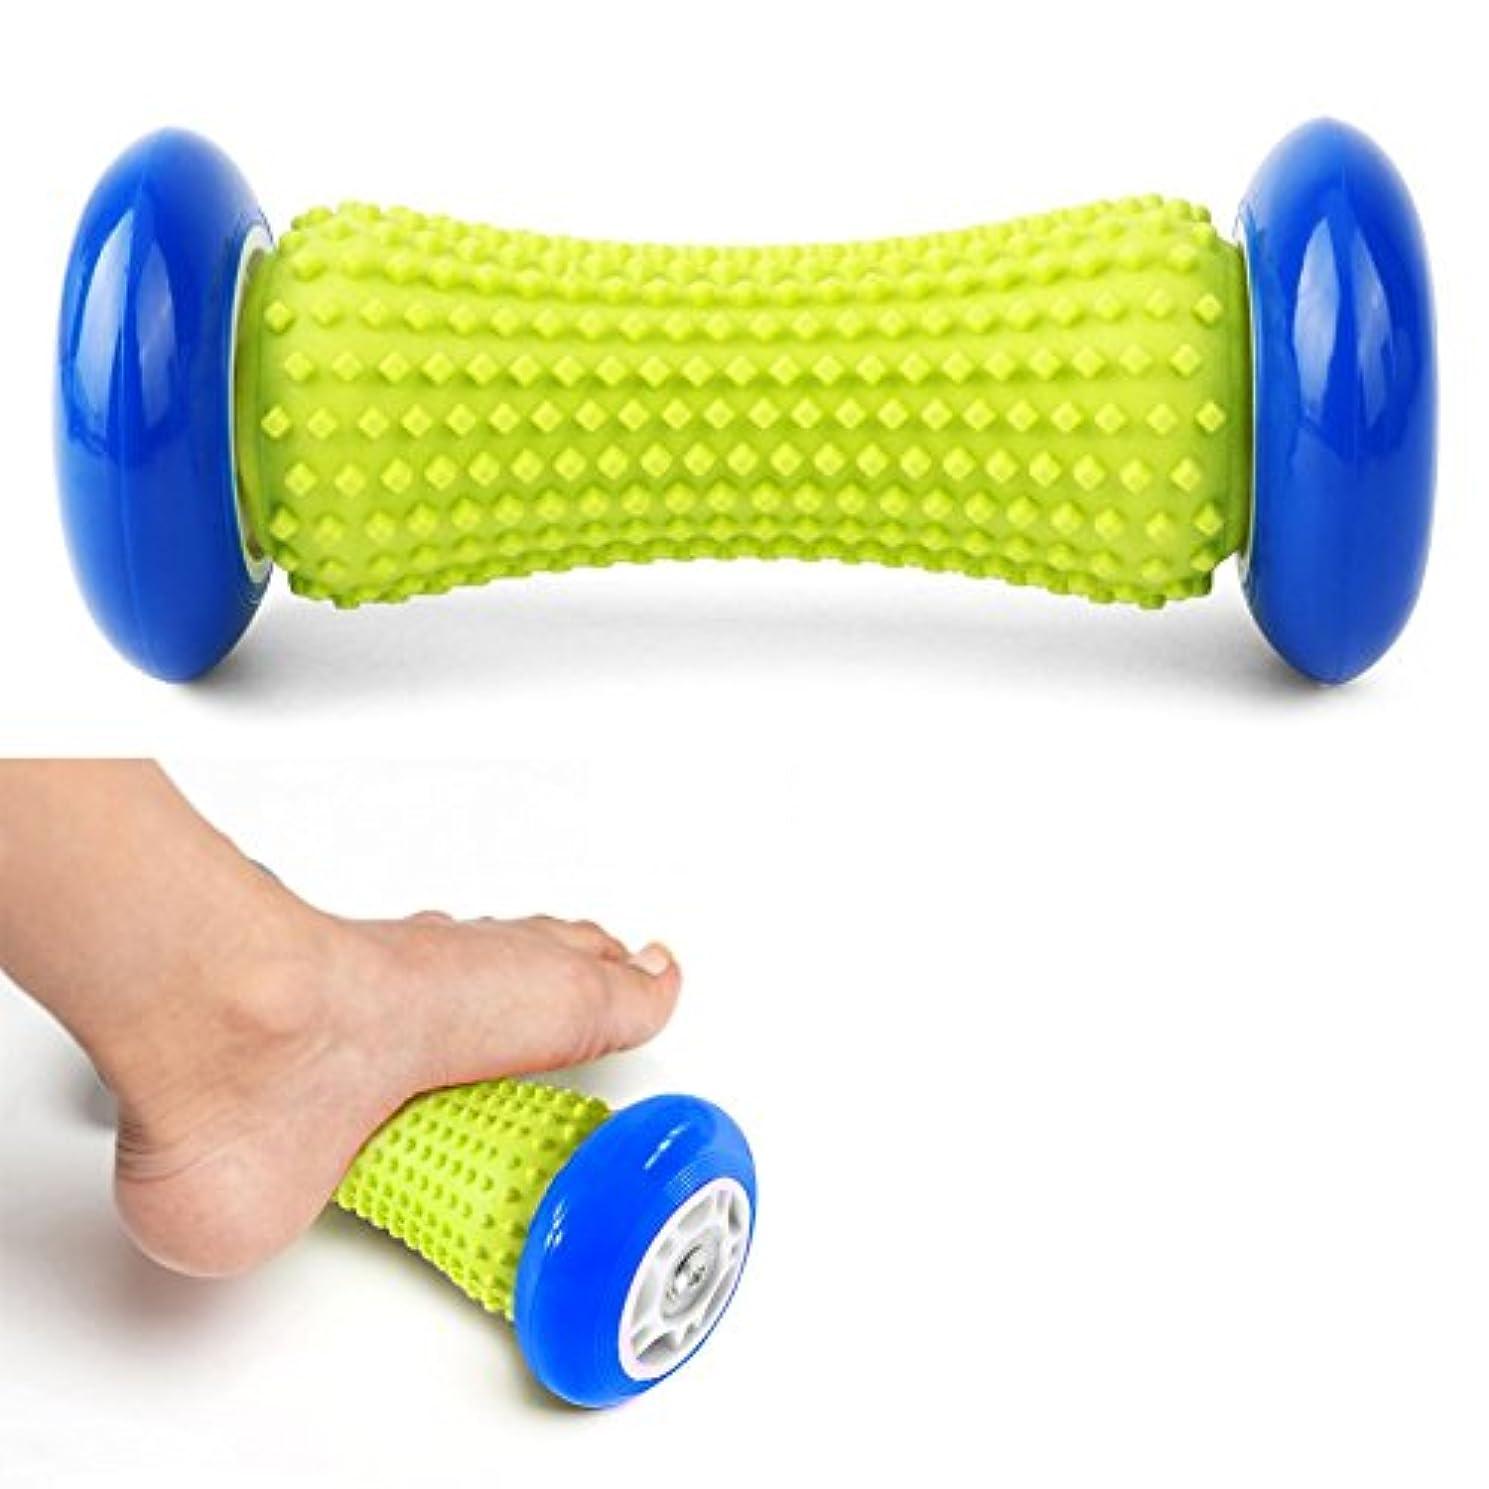 各光沢人工的なDOXUNGO 足と手のマッサージローラー - マッスルローラースティック - 手首と前腕足底筋膜炎、腕の痛み - かかと&足アーチ痛の救済のための運動ローラー (ブラック)